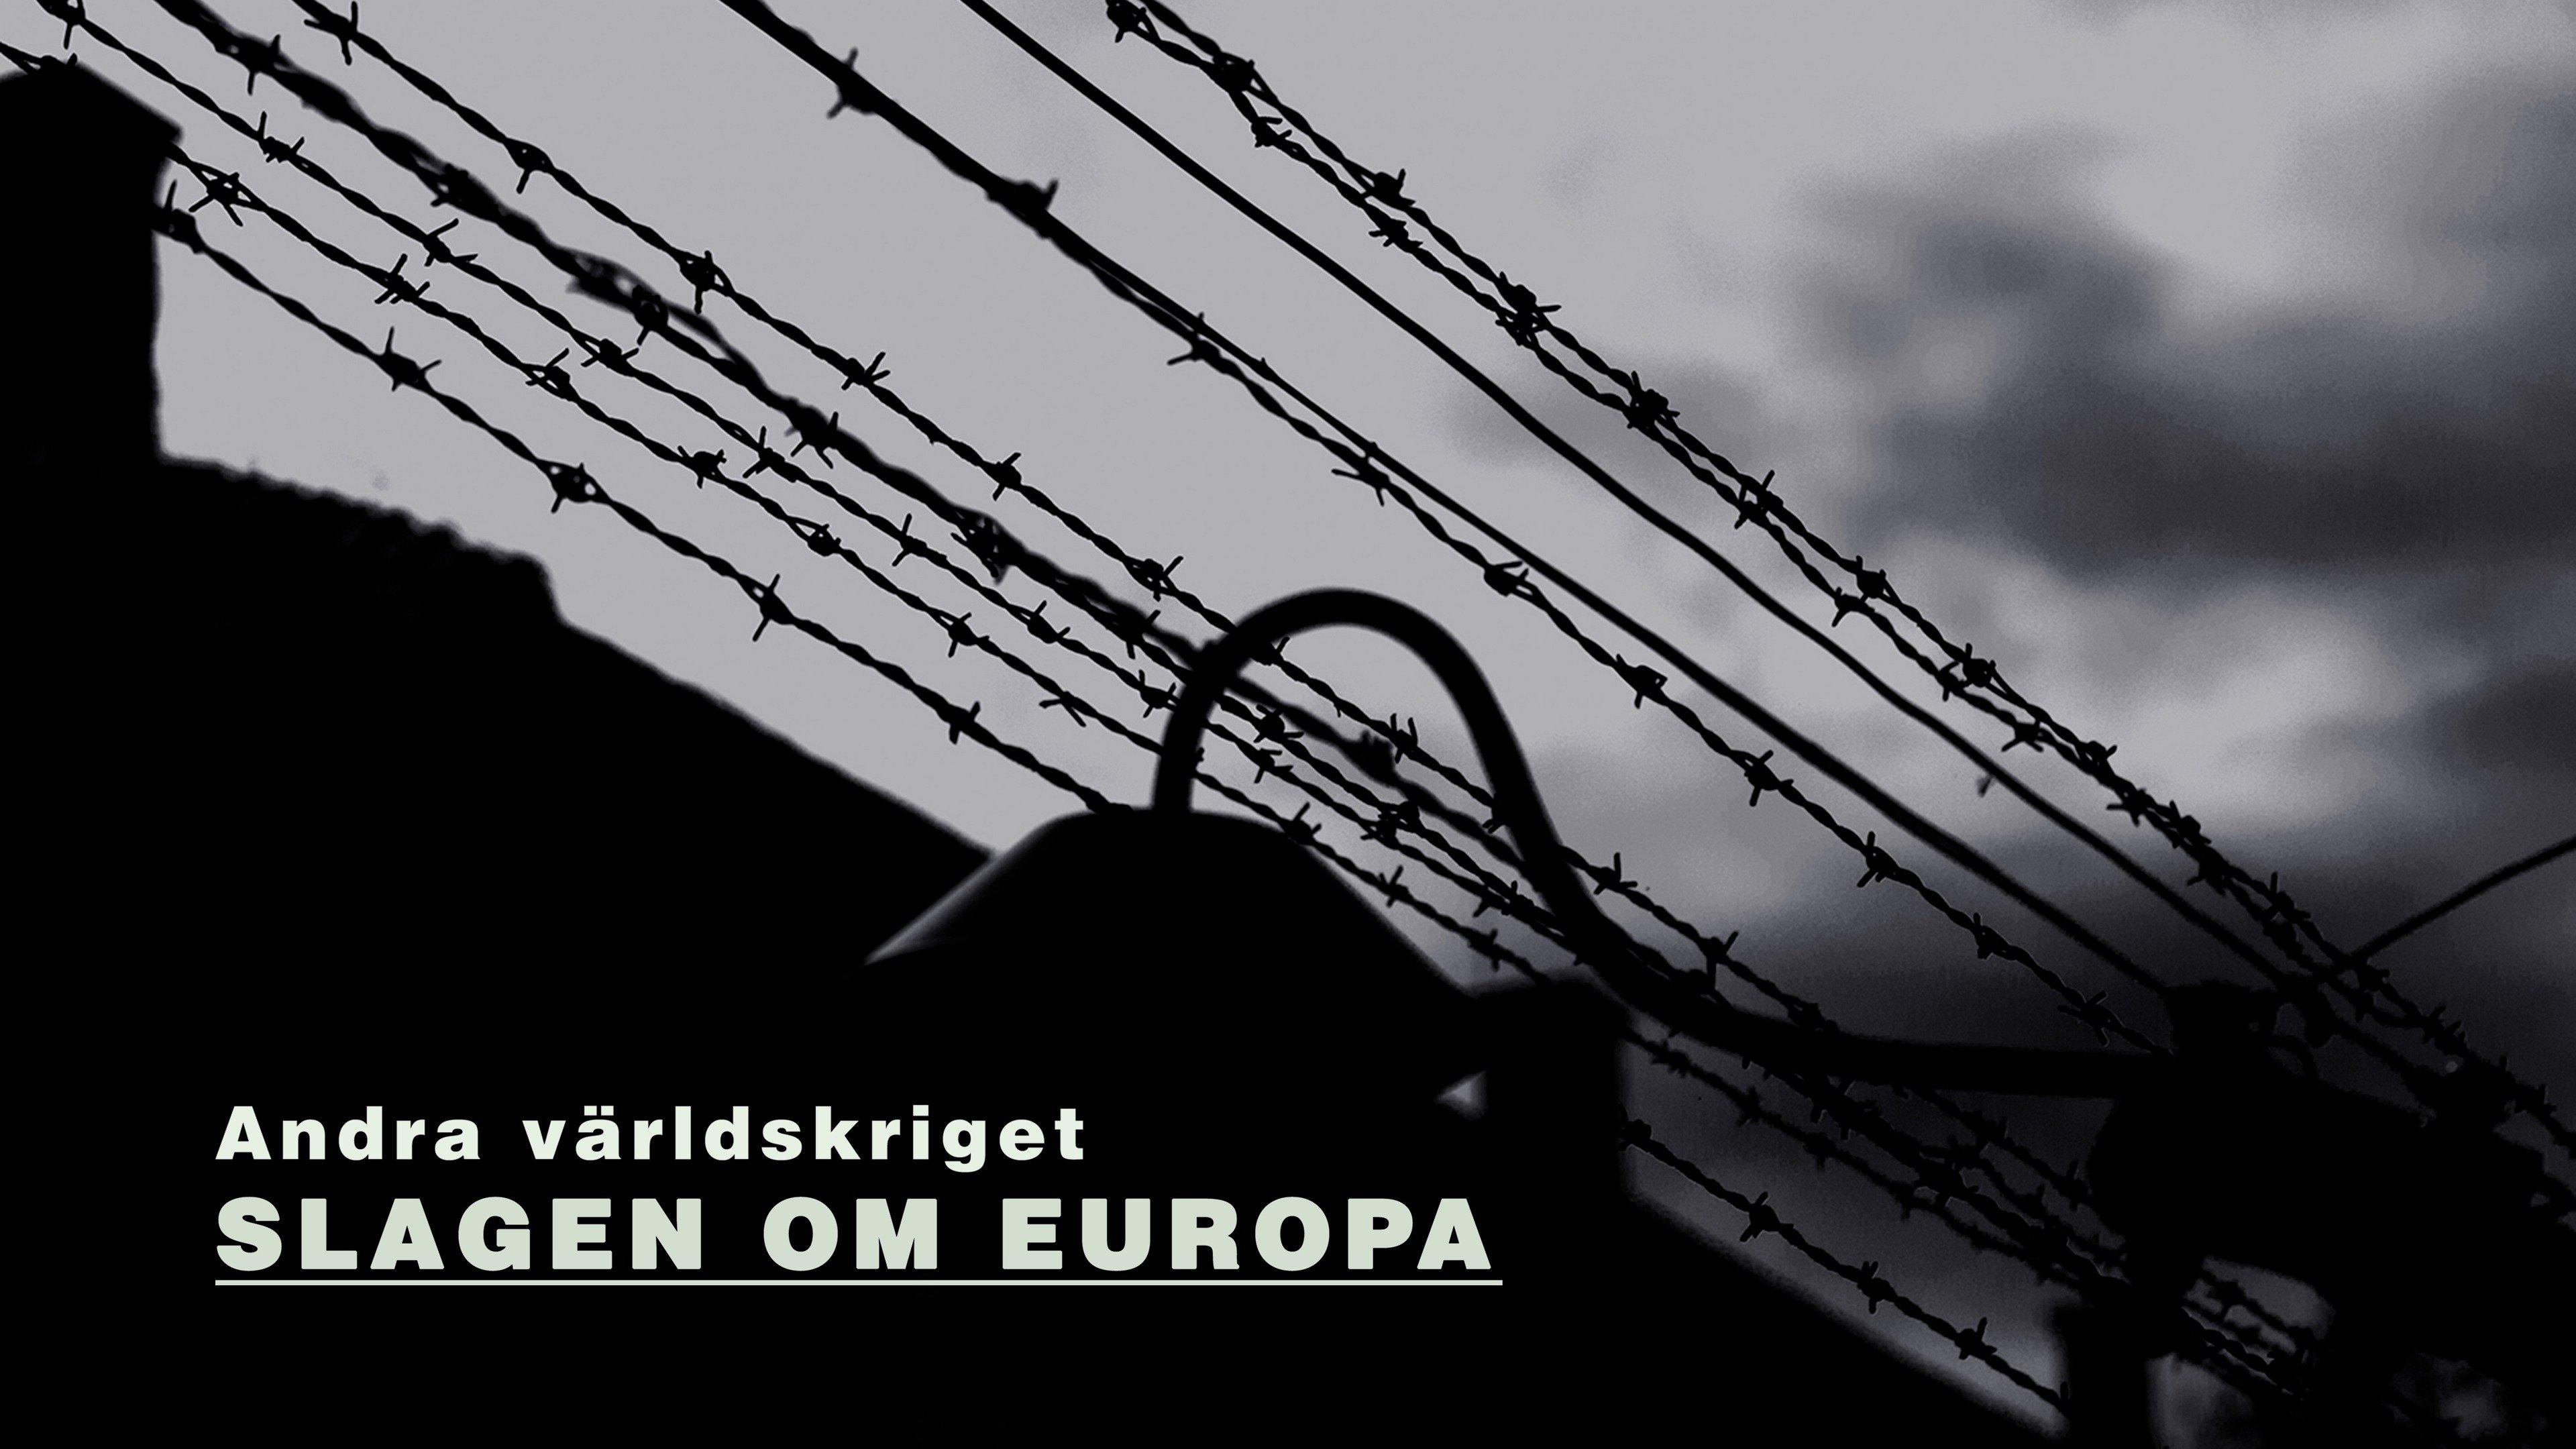 Andra världskriget - slagen om Europa